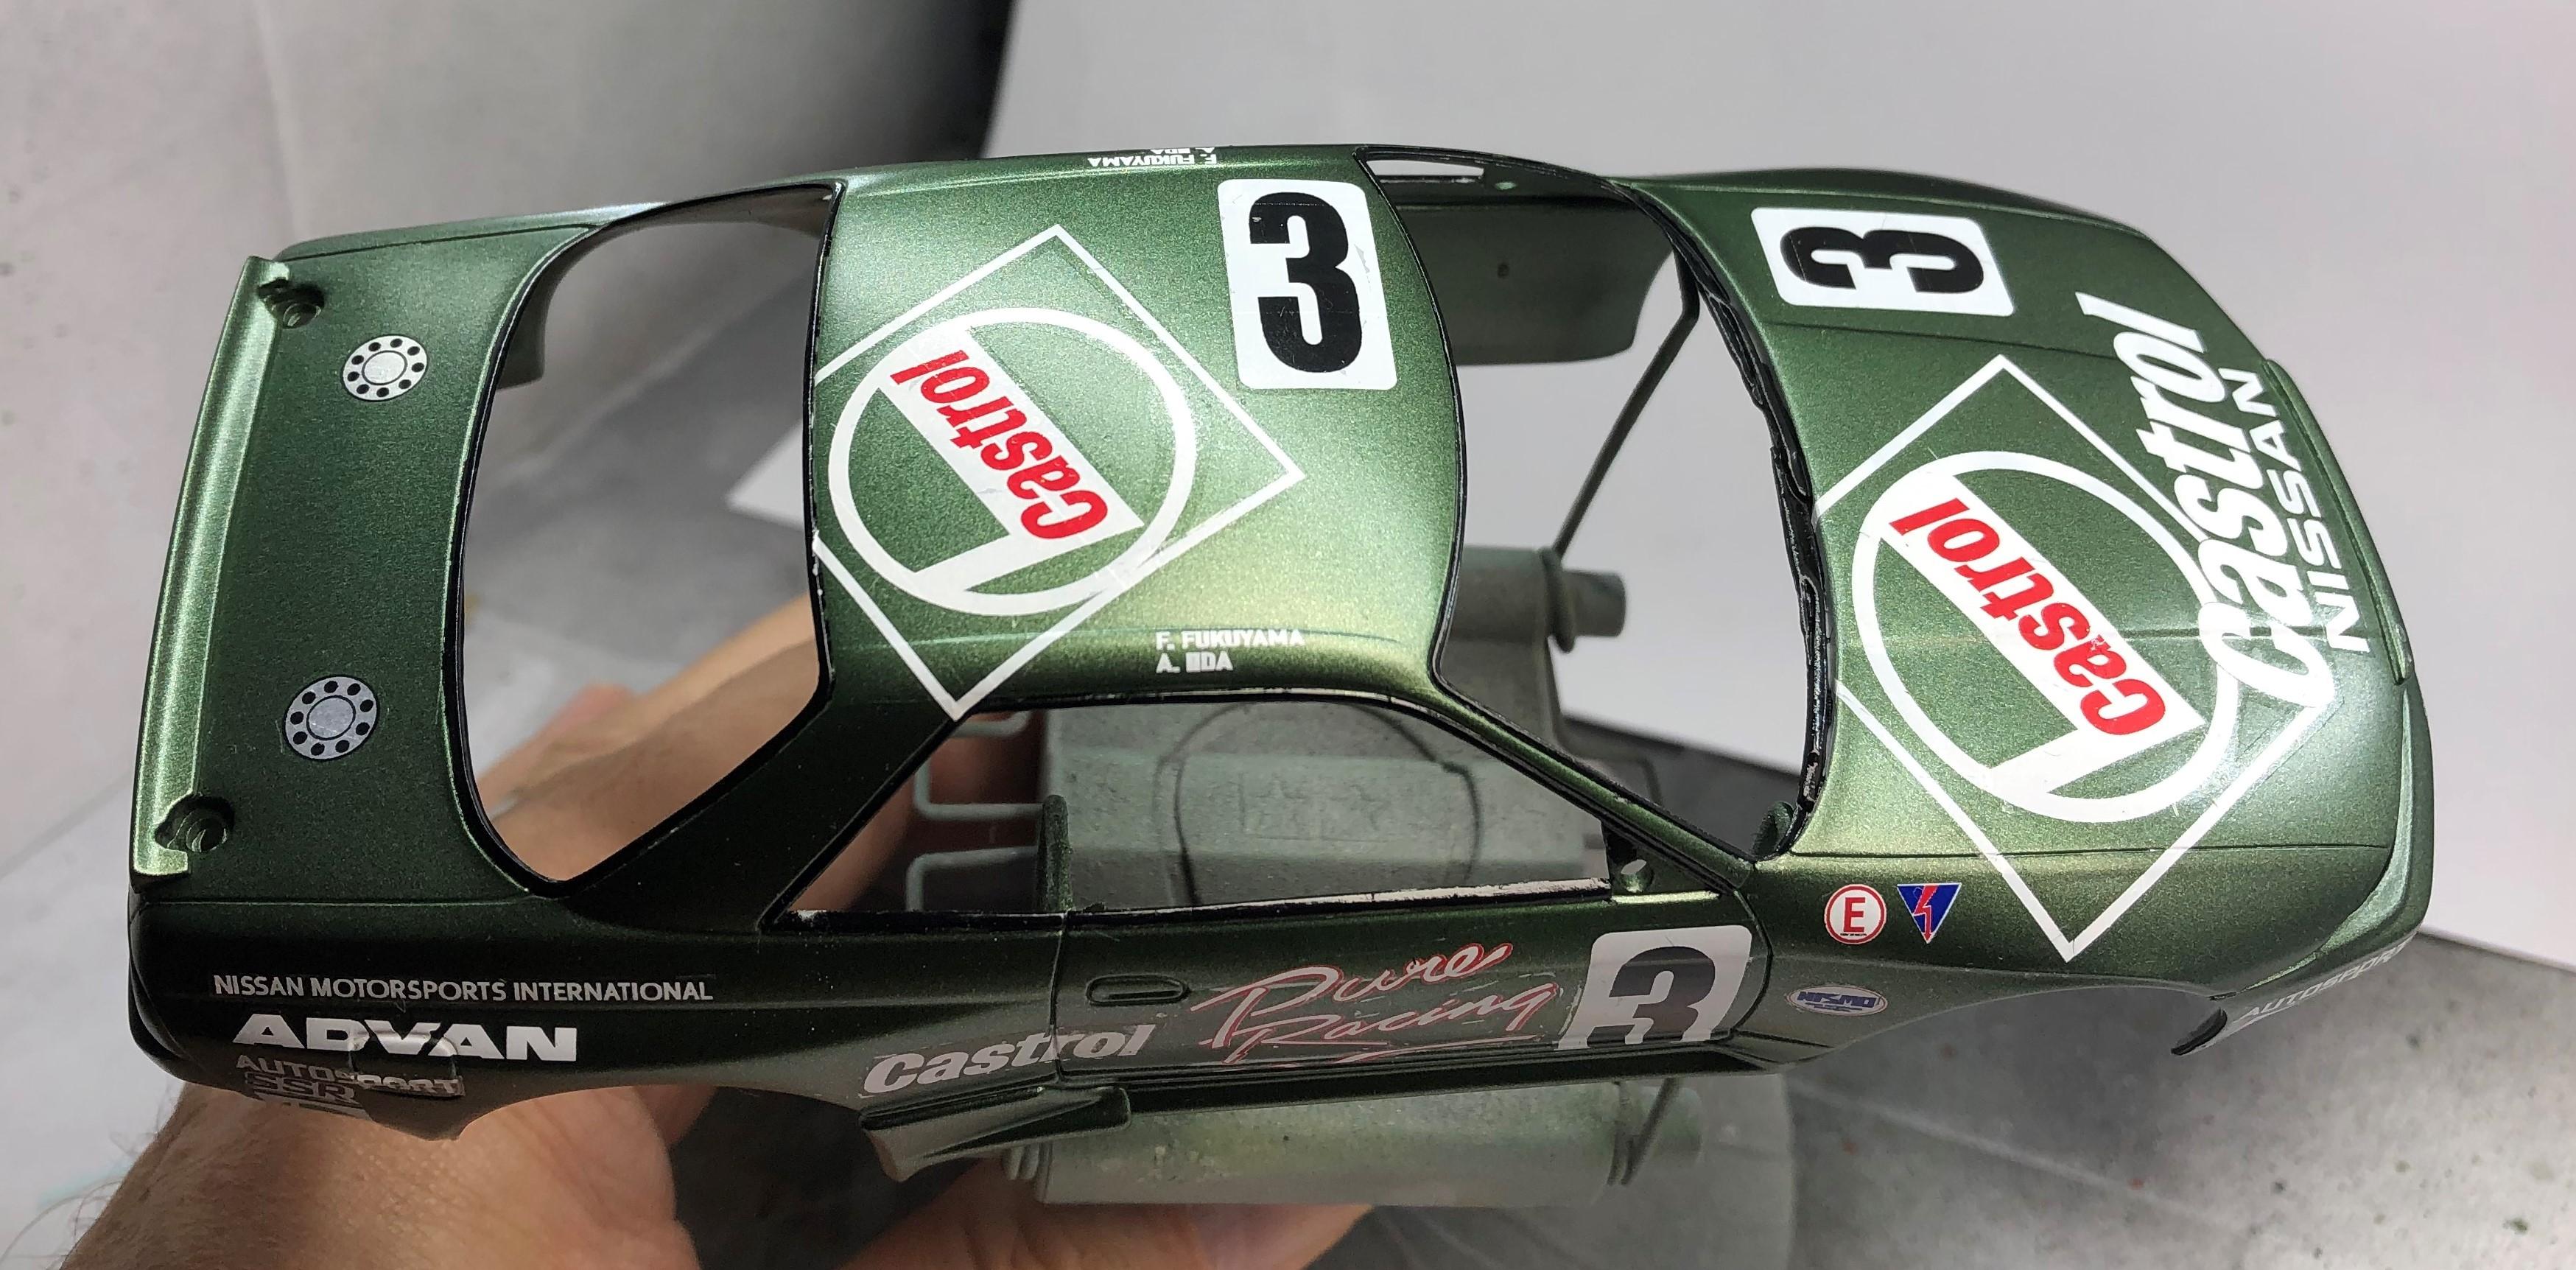 Nissan R32 #3 Castrol JTCC Img-1632155831-506